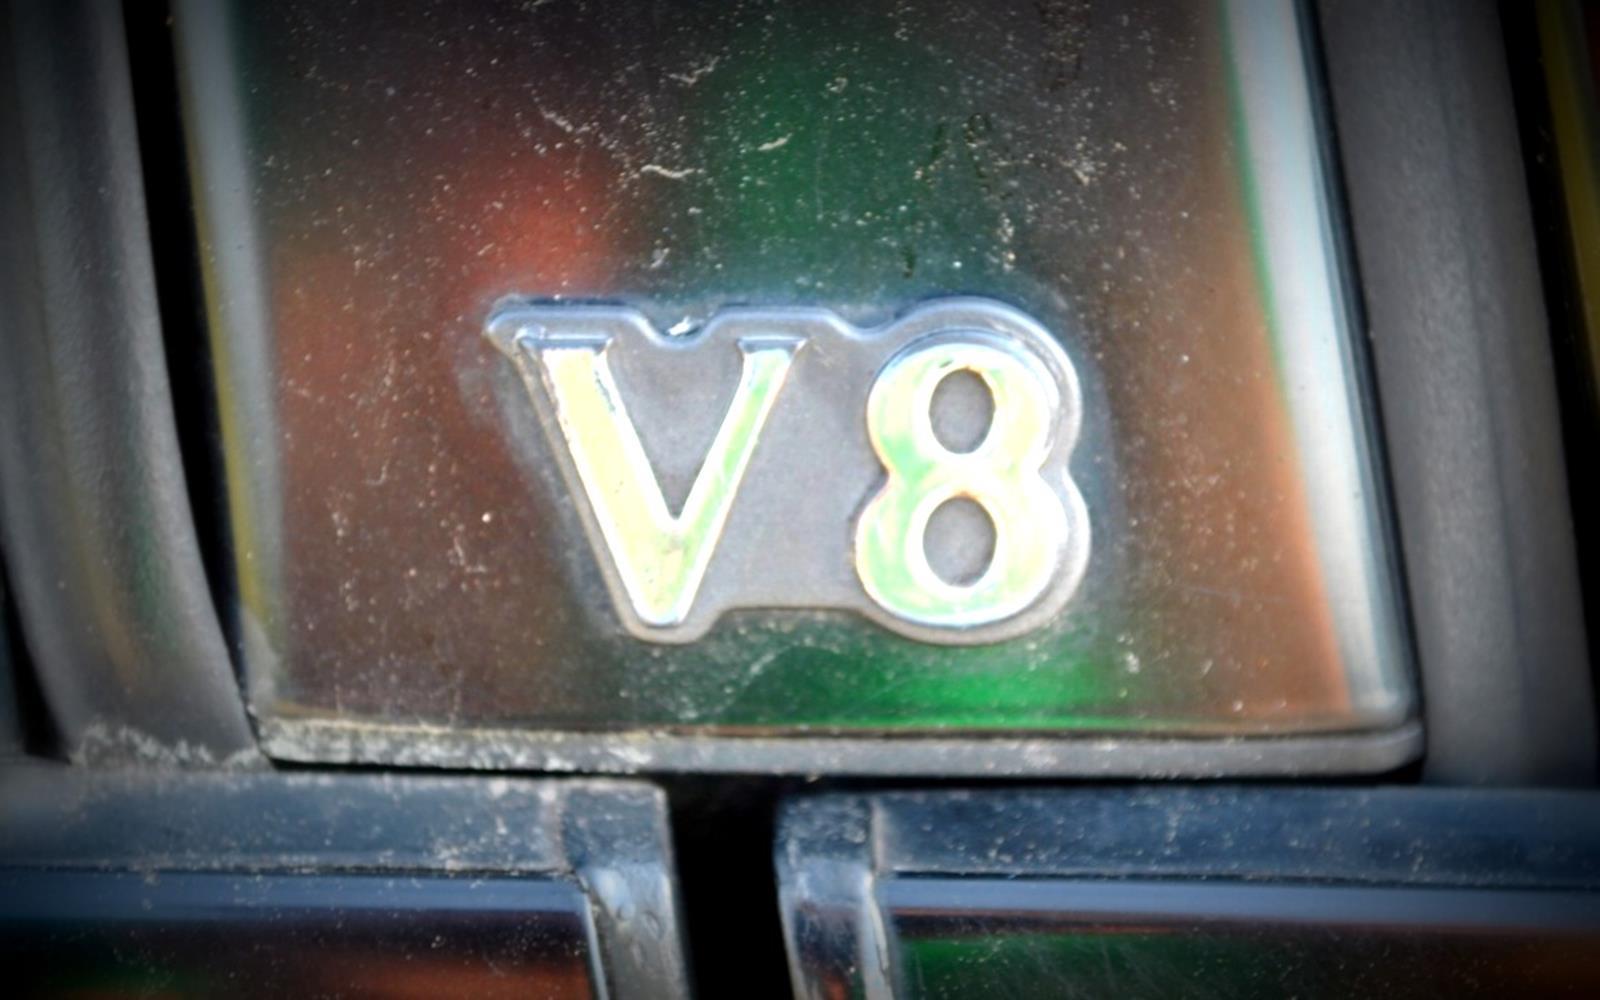 Jaguar XJ8 1998 V8 Badge Detail FrontSeatDriver.co.uk